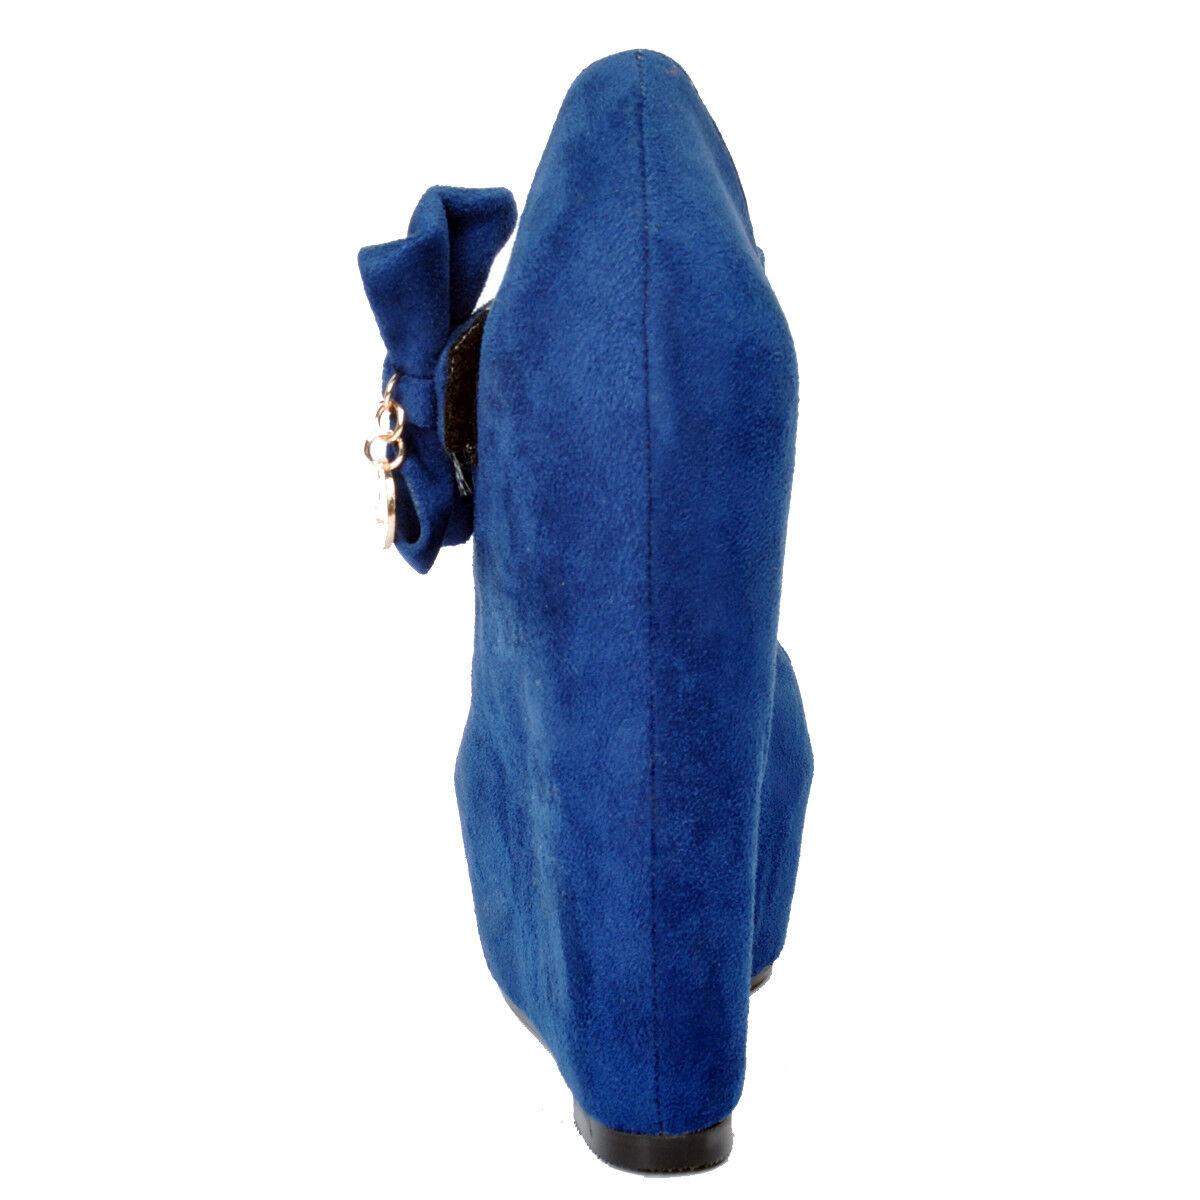 NEW Women Women Women Pumps Platform Wedges Heels Faux Suede Pumps bluee shoes Plus Size 15 9f1817